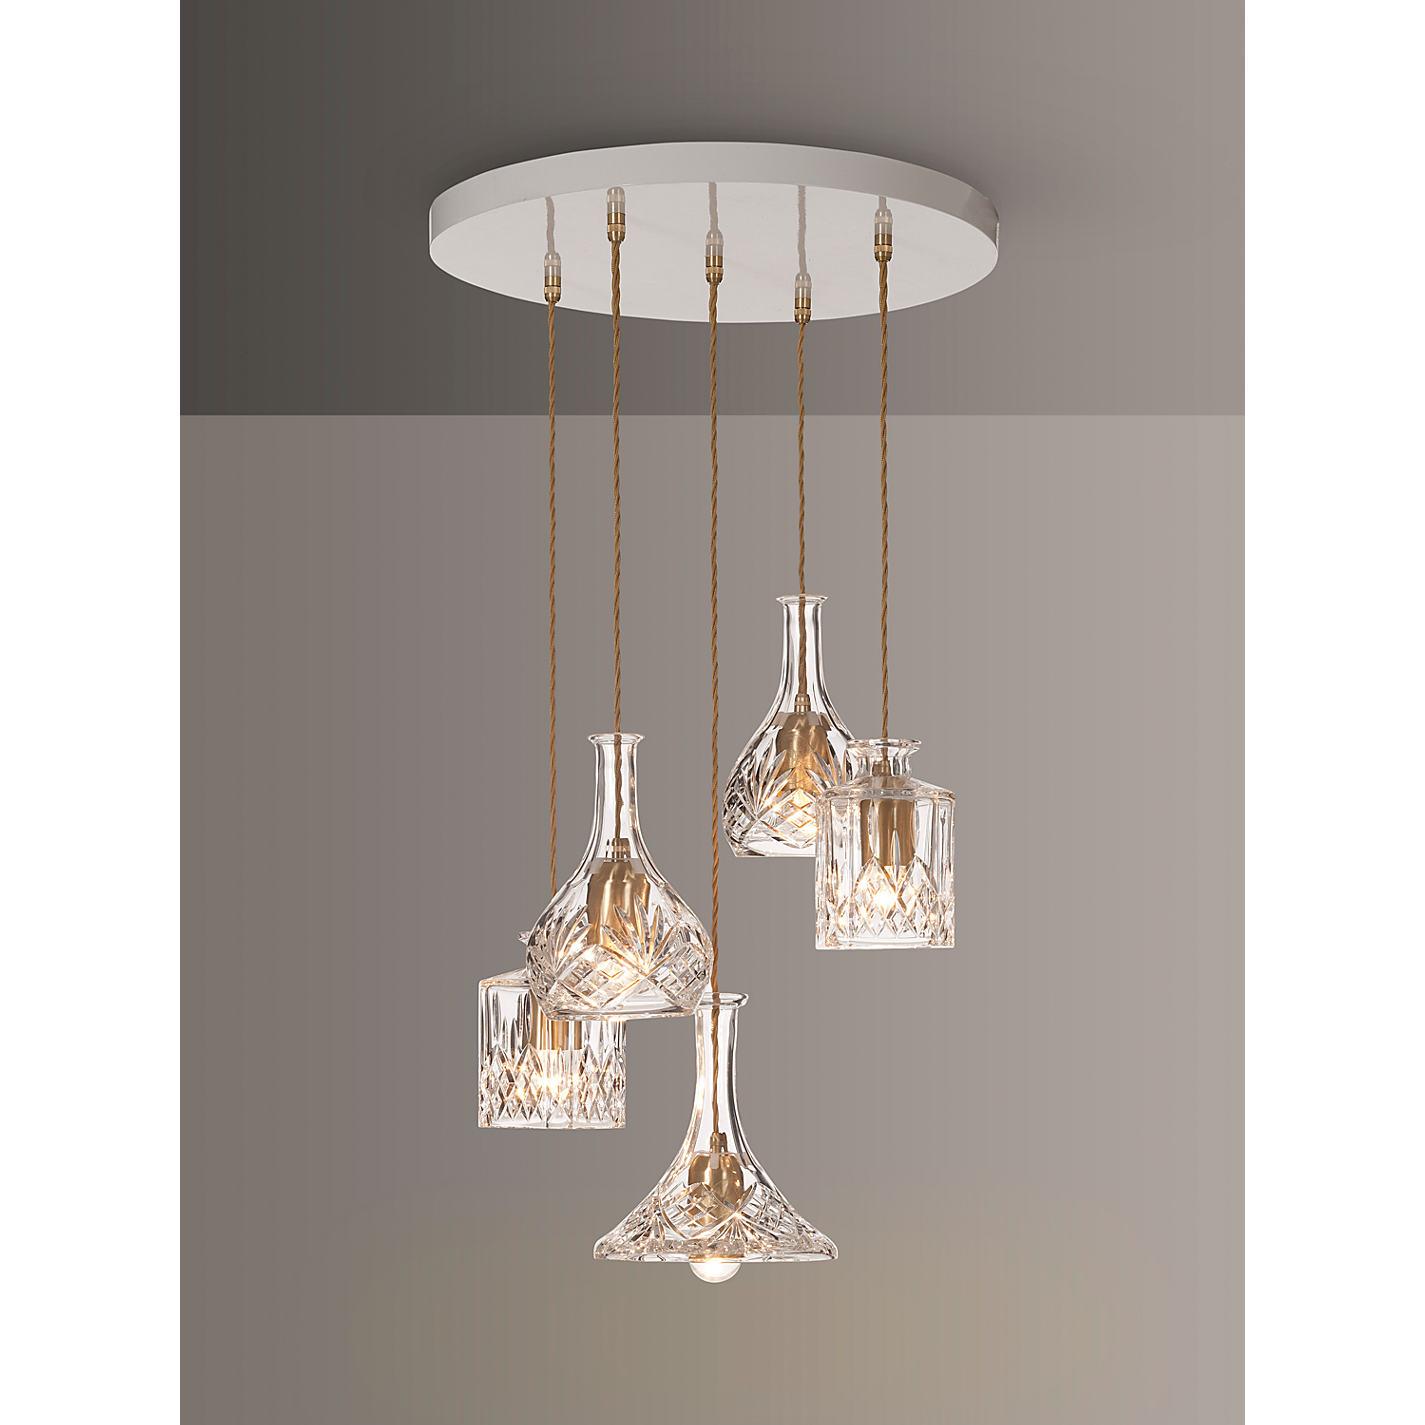 Mesmerizing 25 bathroom chandeliers john lewis design inspiration bathroom chandeliers john lewis buy lee broom decanter chandelier john lewis arubaitofo Gallery